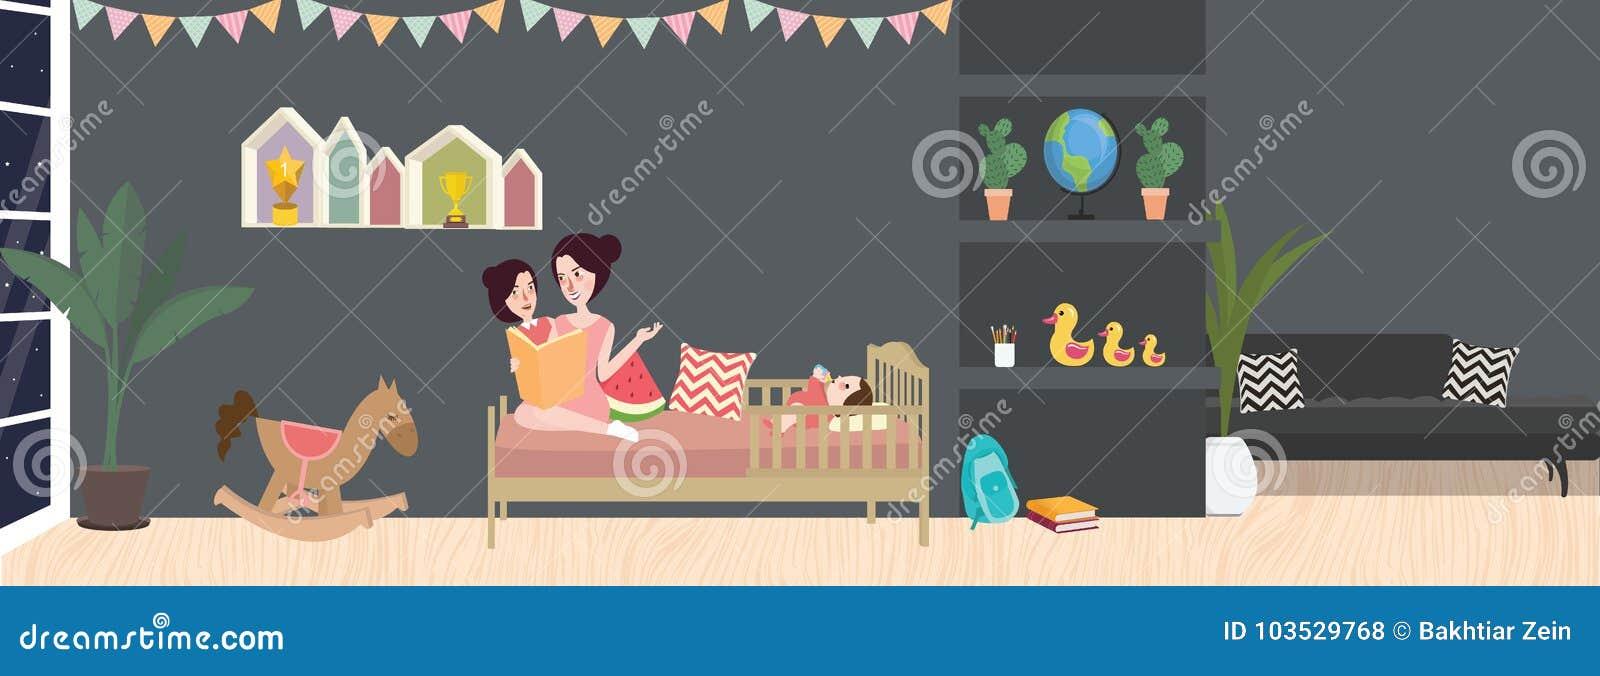 Оягнитесь иллюстрация вектора комнаты внутренняя в сером цвете темного цвета с мамой и ее ребенком